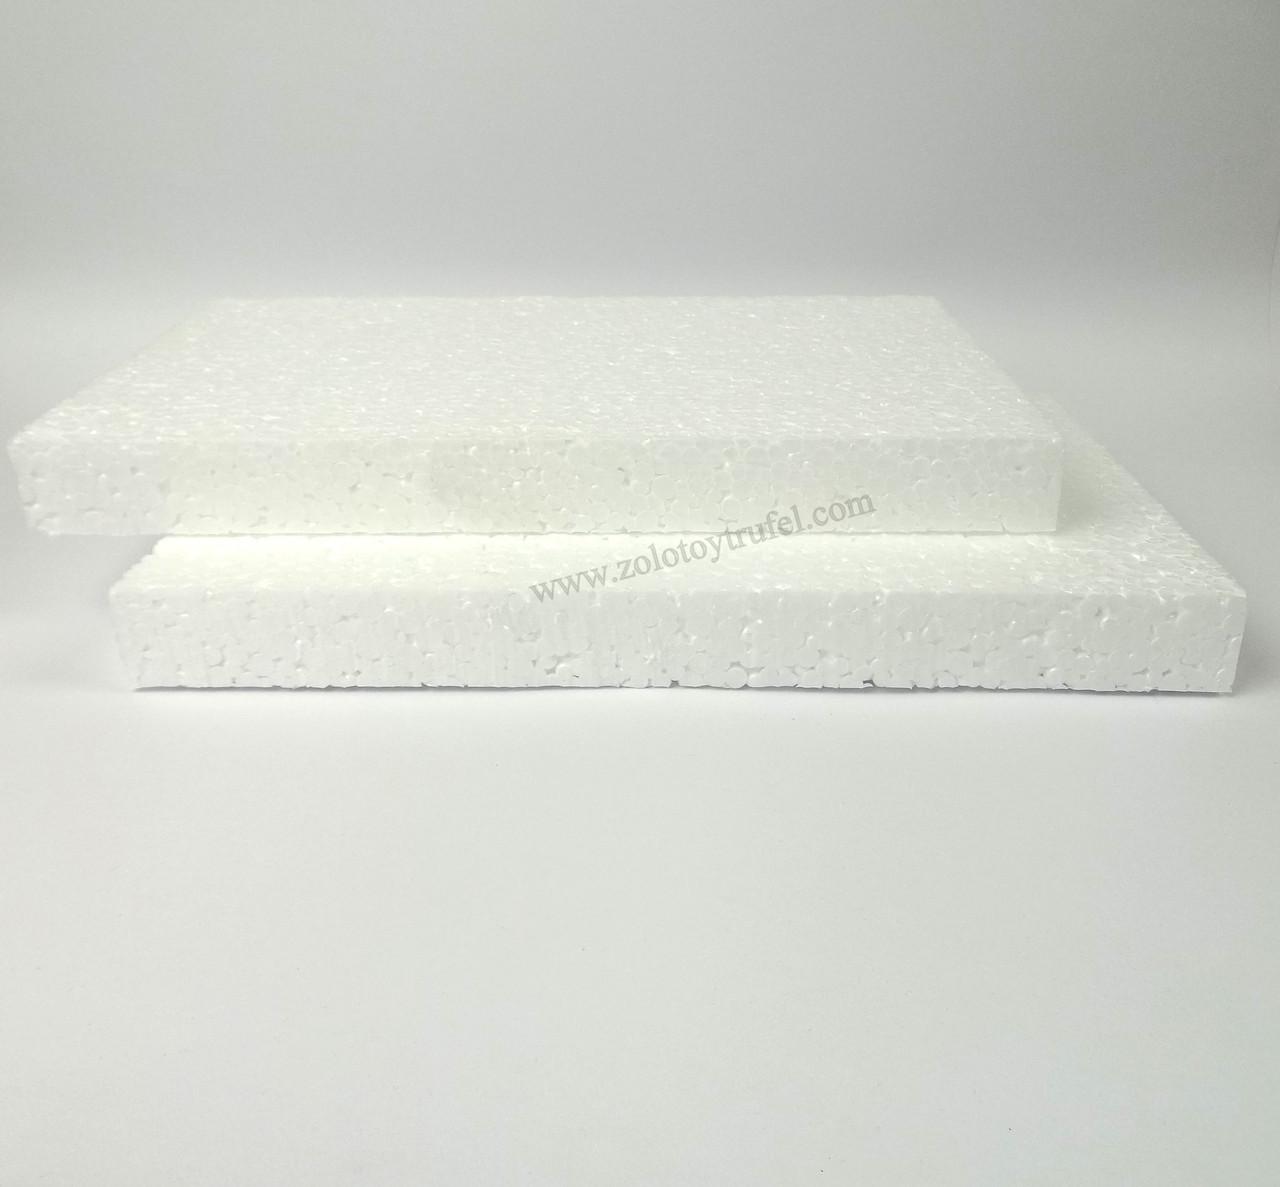 Прослойки пенопластовые для торта 28*28 см h 3 см